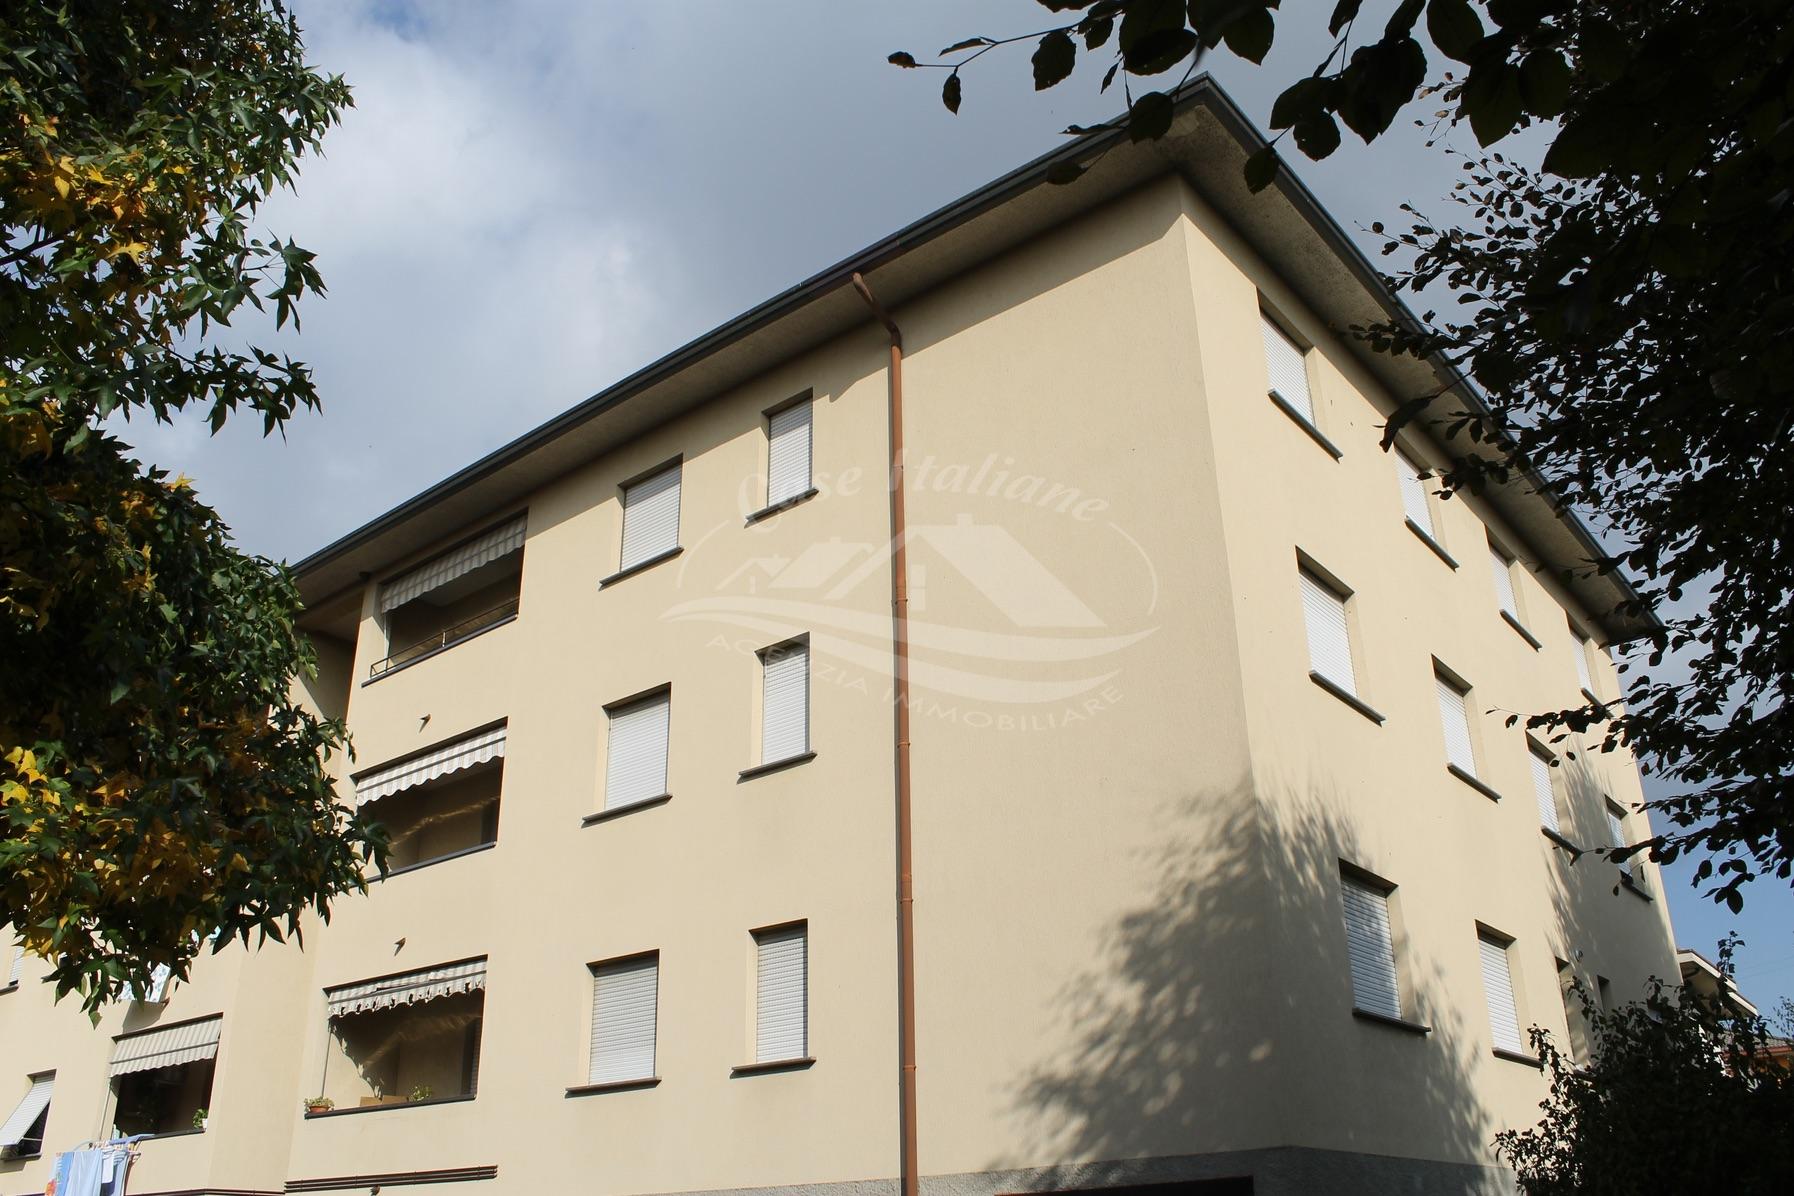 Foto immobili 041 case italiane agenzia immobiliare cant for Case italiane immobiliare